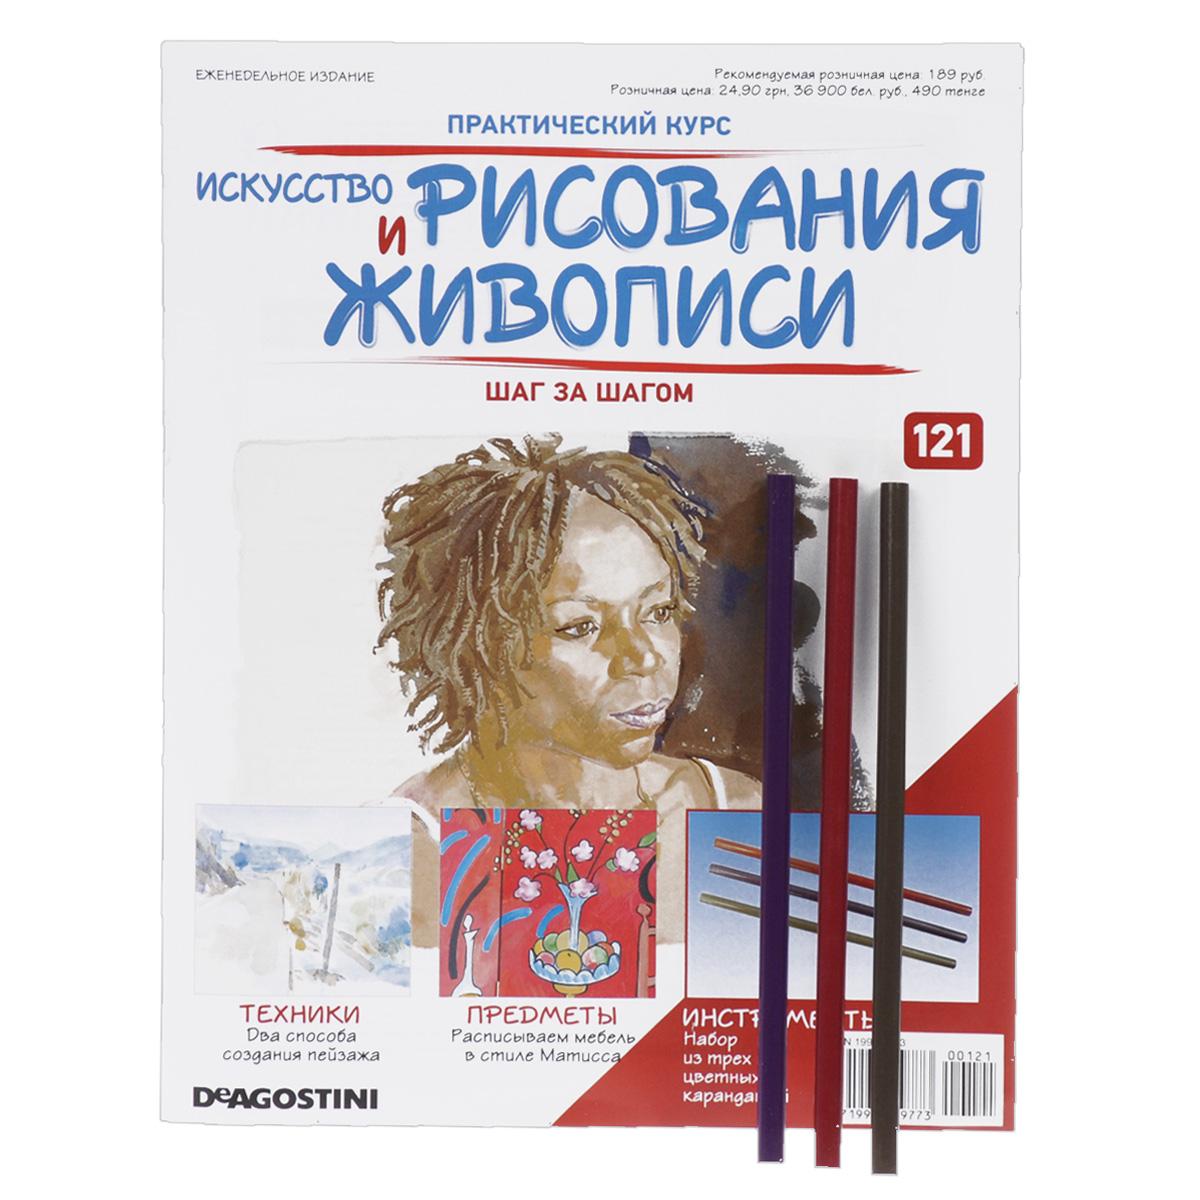 Журнал Искусство рисования и живописи №121 техники рисования